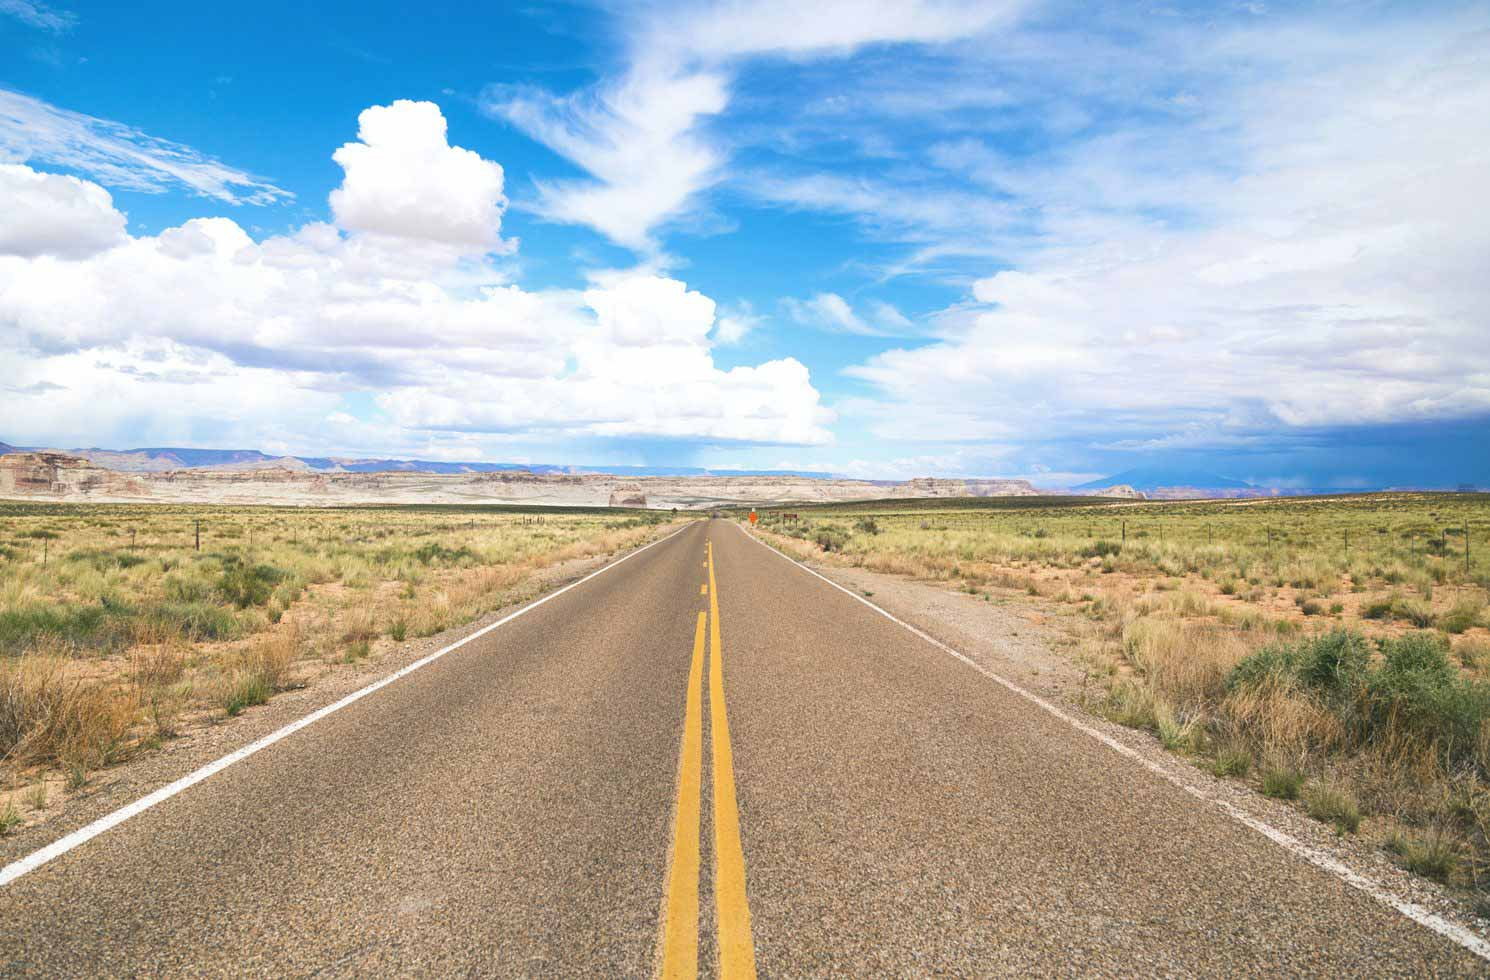 Reisen & Mobilität im Zielland